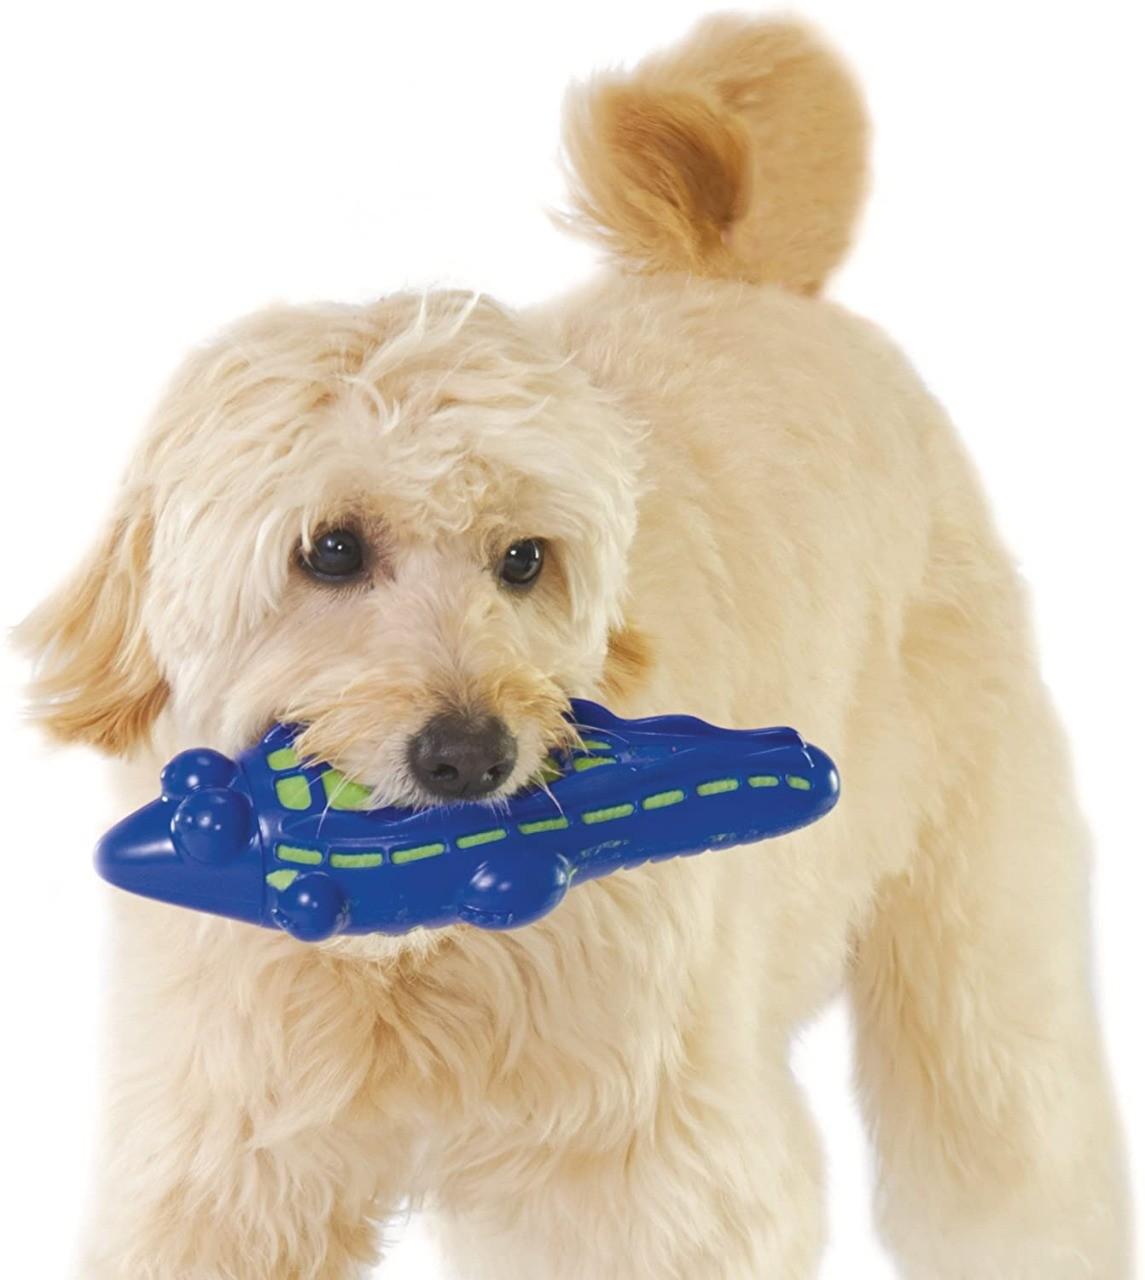 Brinquedo Jacaré  Gummy Plush Petstages de Borracha e Pelúcia para Cães